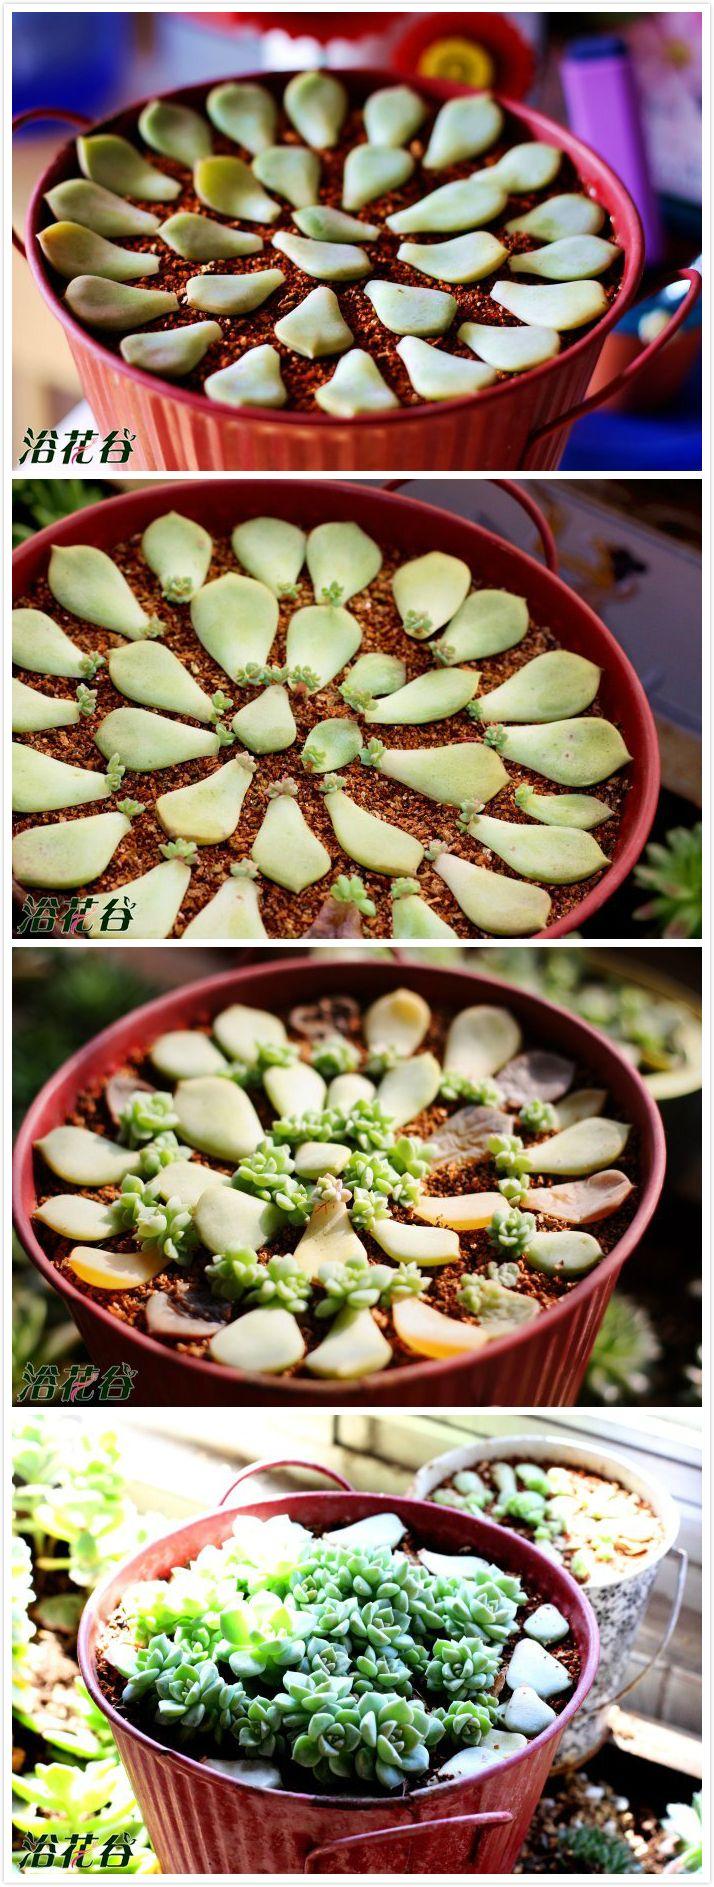 Succulent - cute time lapse photos 叶插小肉肉,,